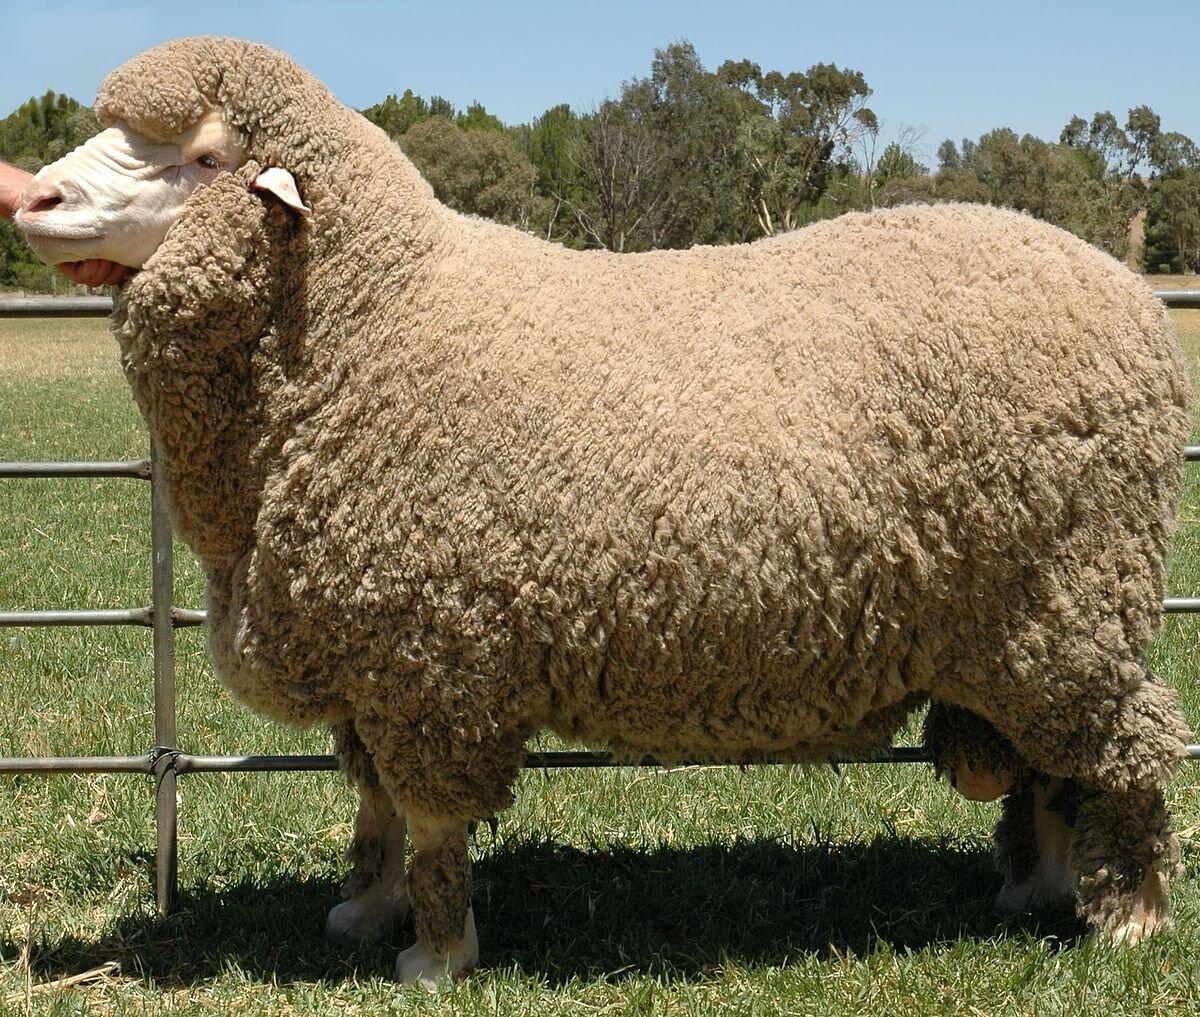 Chăn lông cừu tự nhiên được làm từ 100% sợi lông cừu tự nhiên